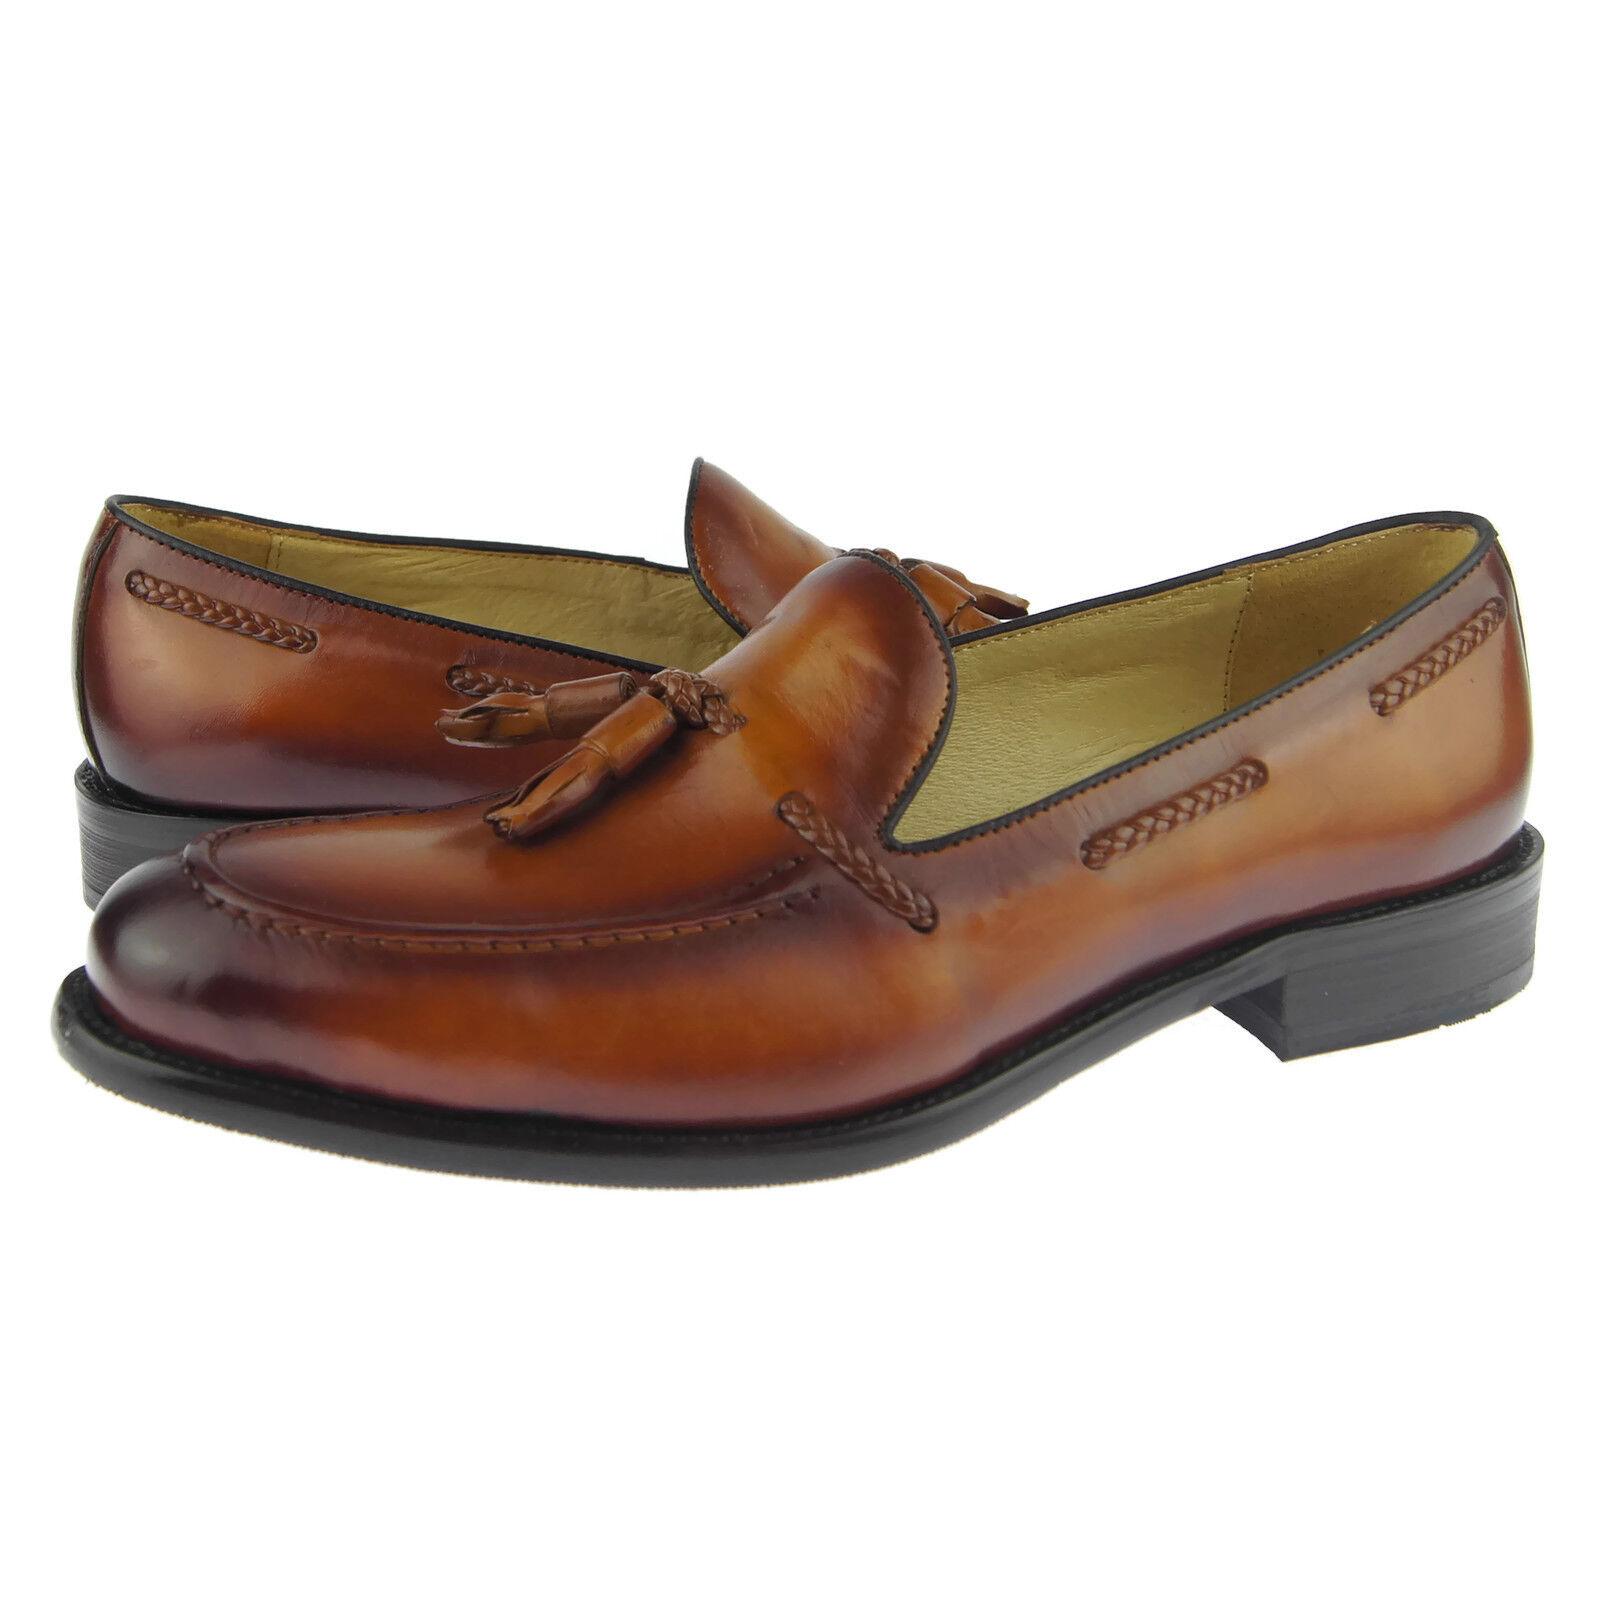 buona reputazione Carrucci Carrucci Carrucci Tassel Loafer, Uomo Slip-on Dress Leather scarpe, Cognac  all'ingrosso a buon mercato